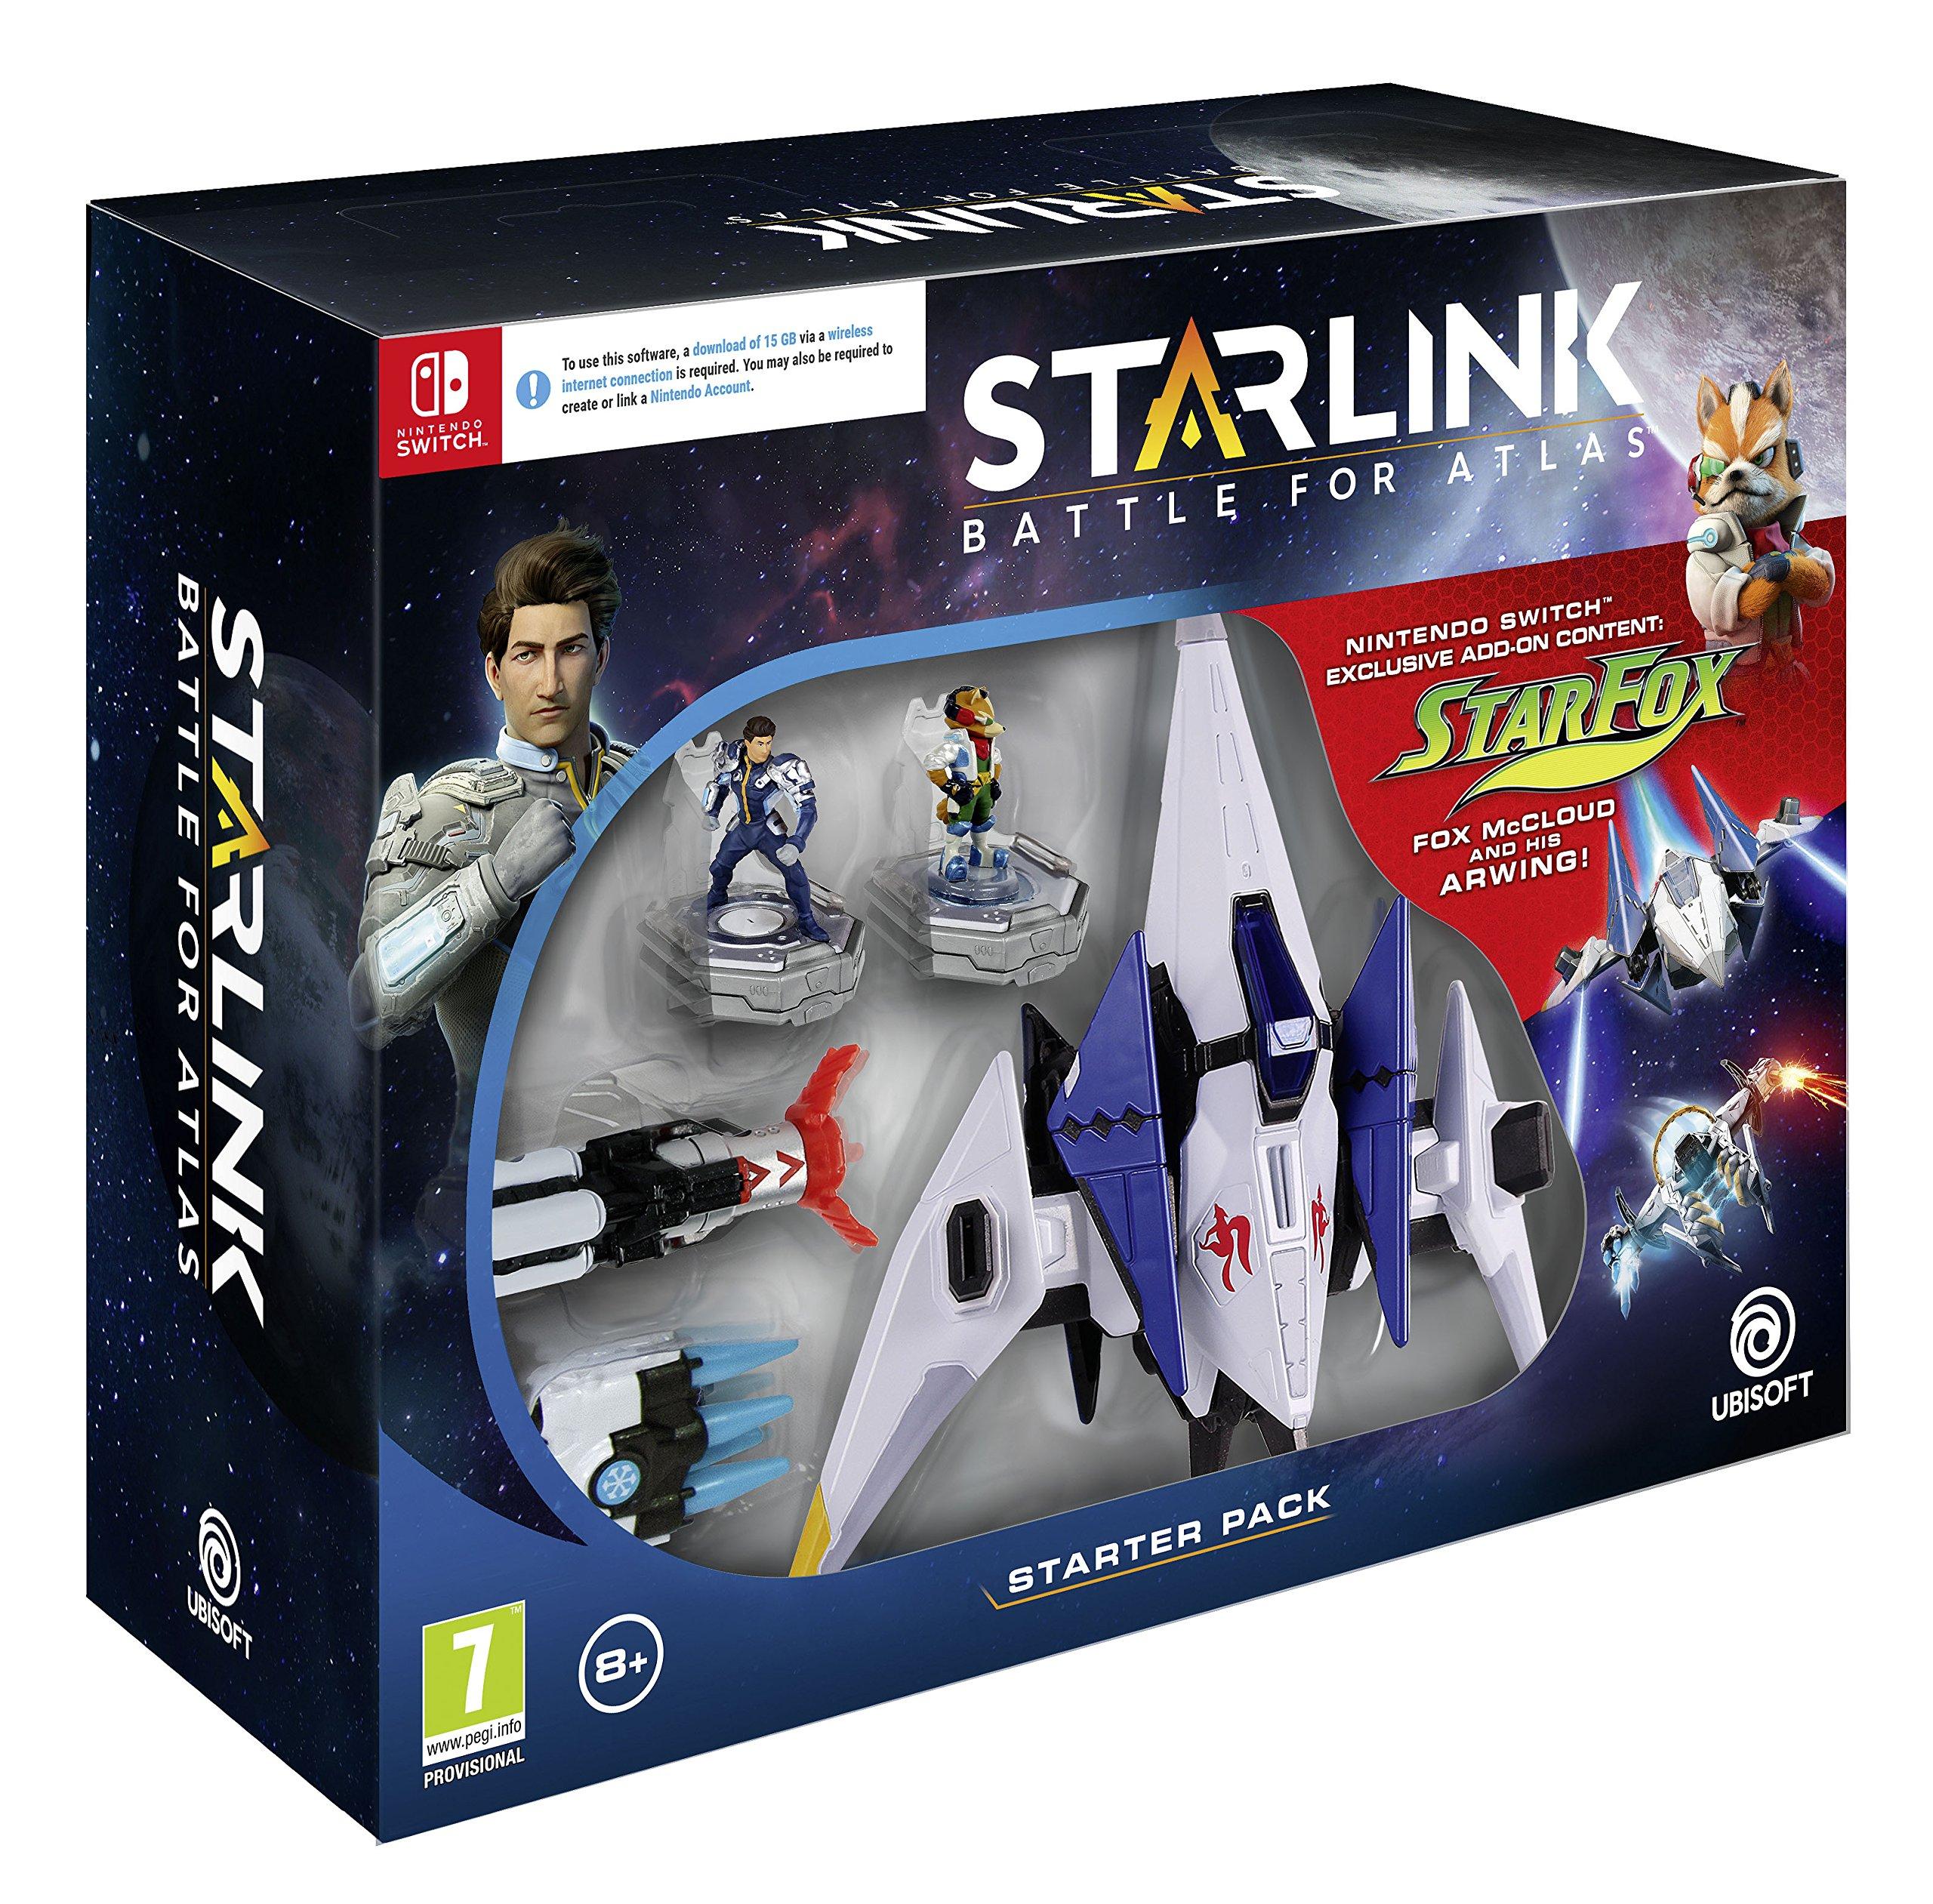 Starlink: Battle for Atlas – Starter Pack